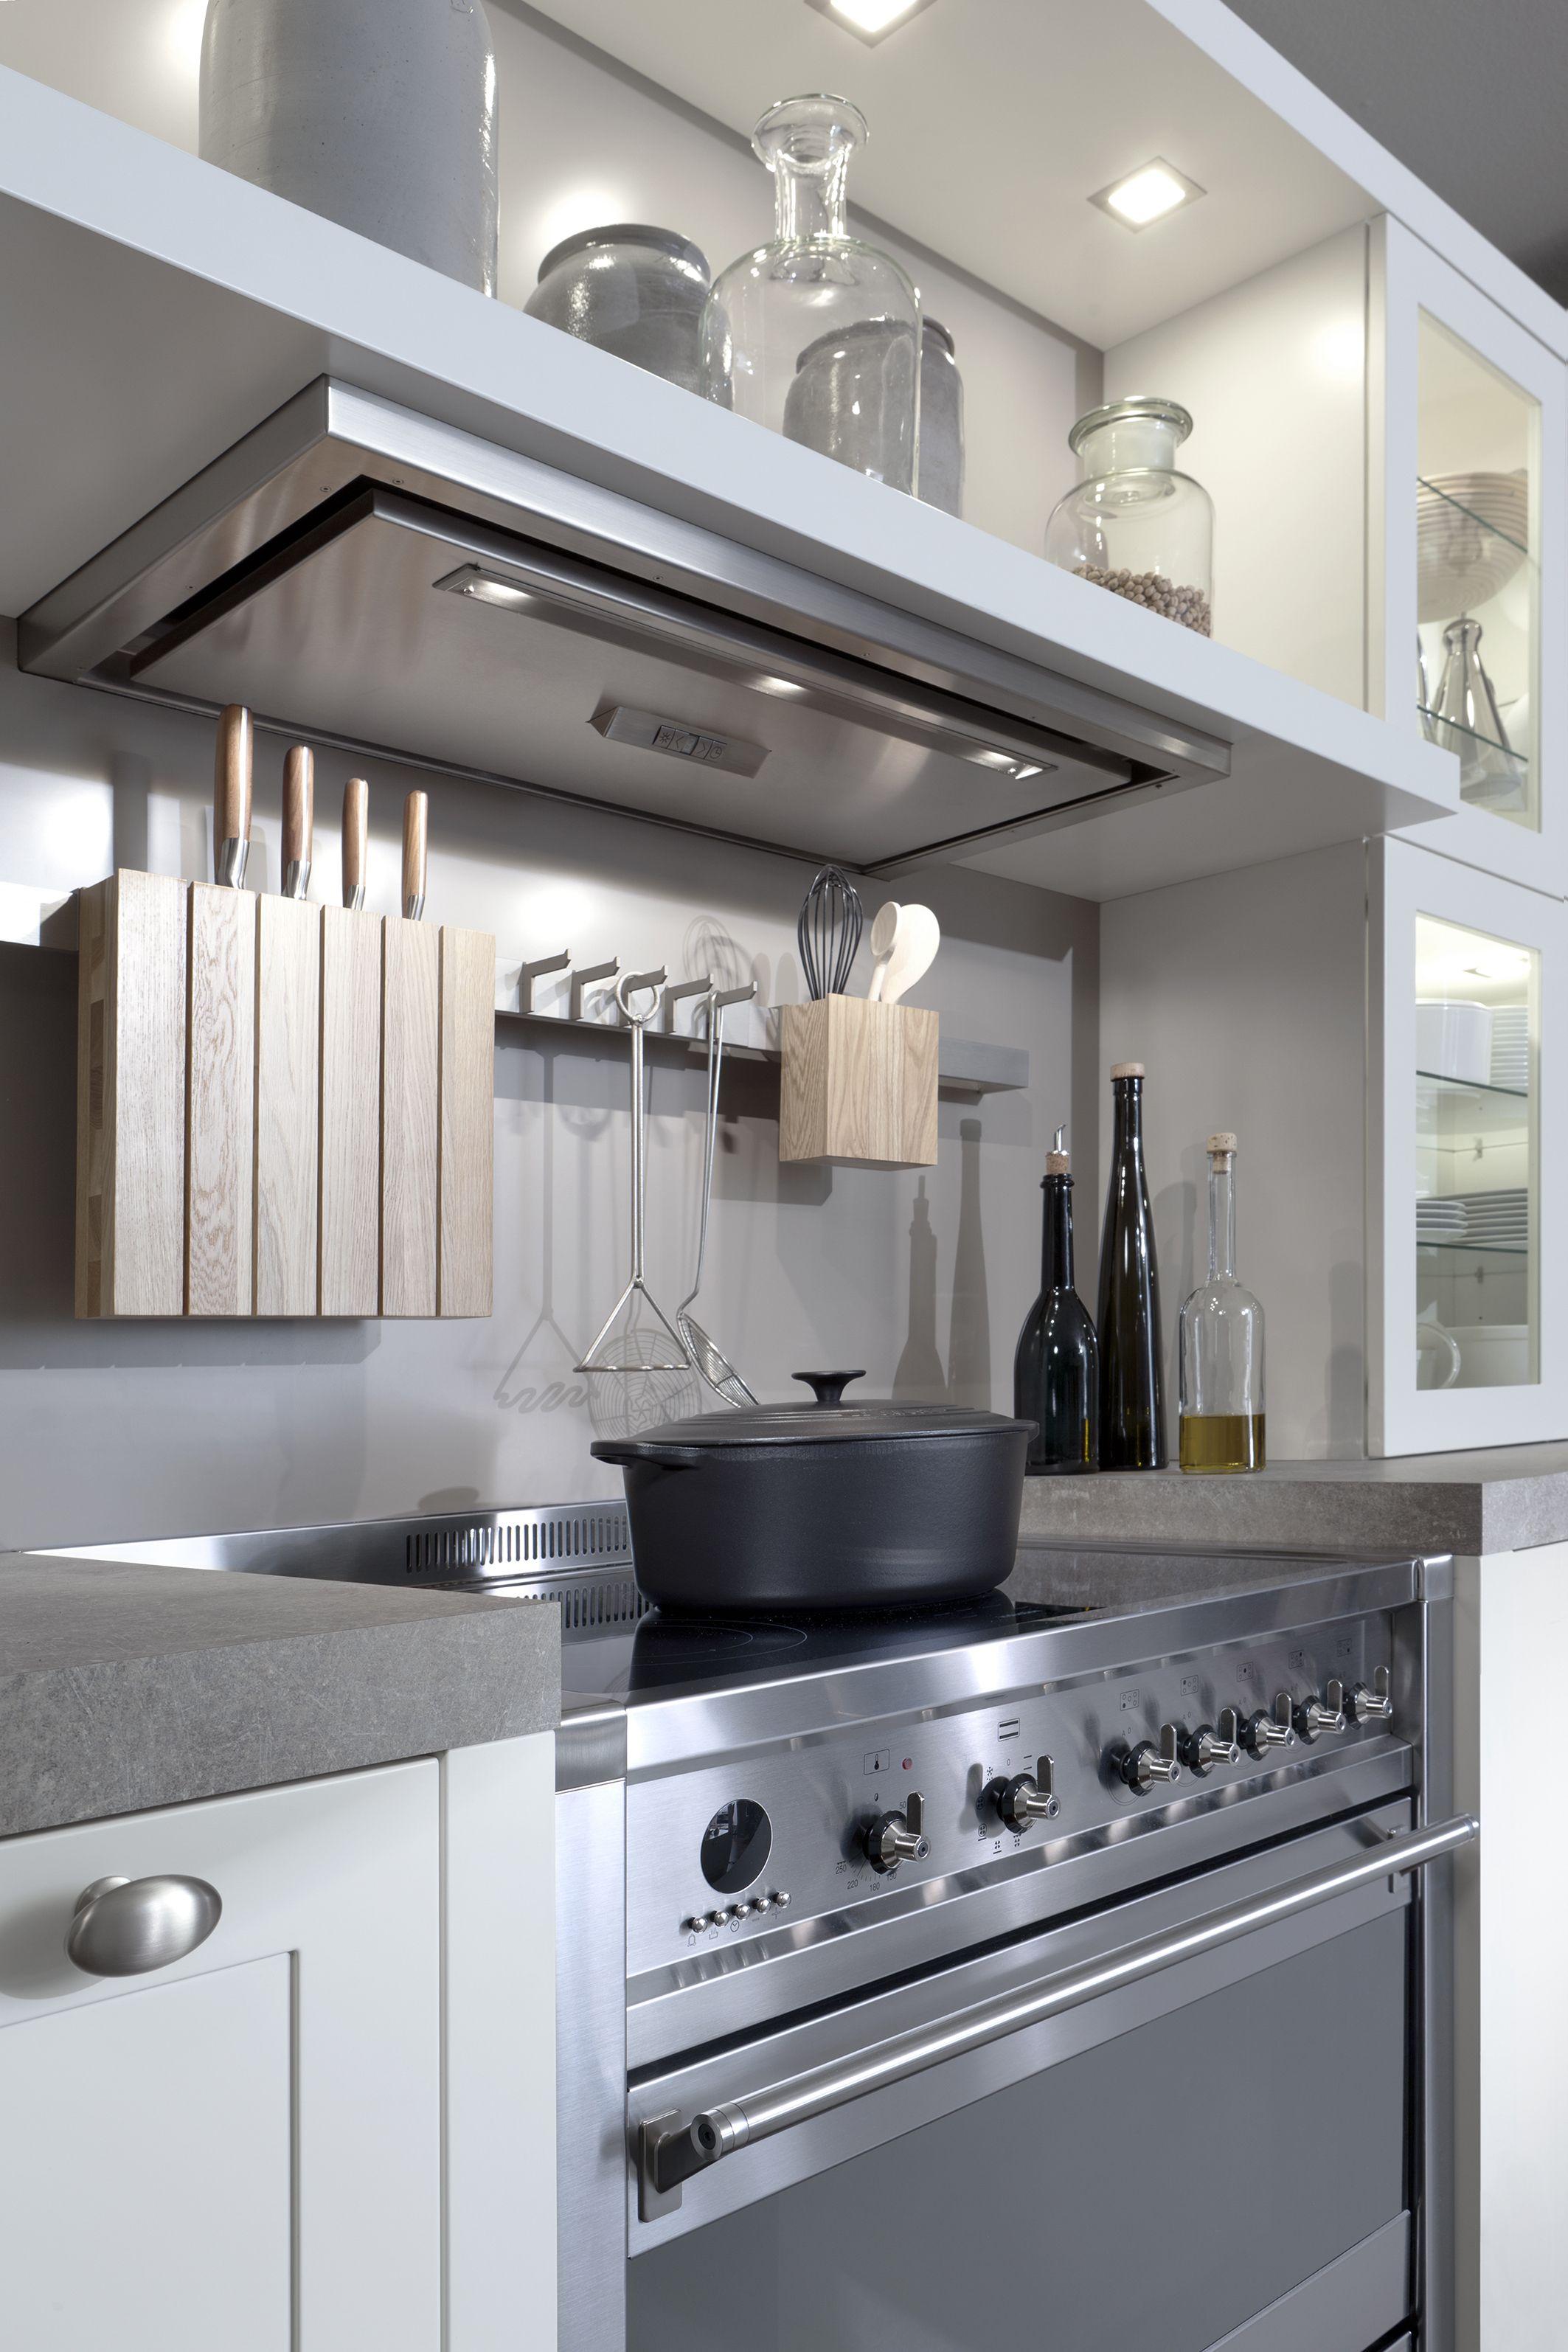 Leicht Hans Keukens Www Hanskeukens Be Afzuigkap Keuken Compleet Keuken